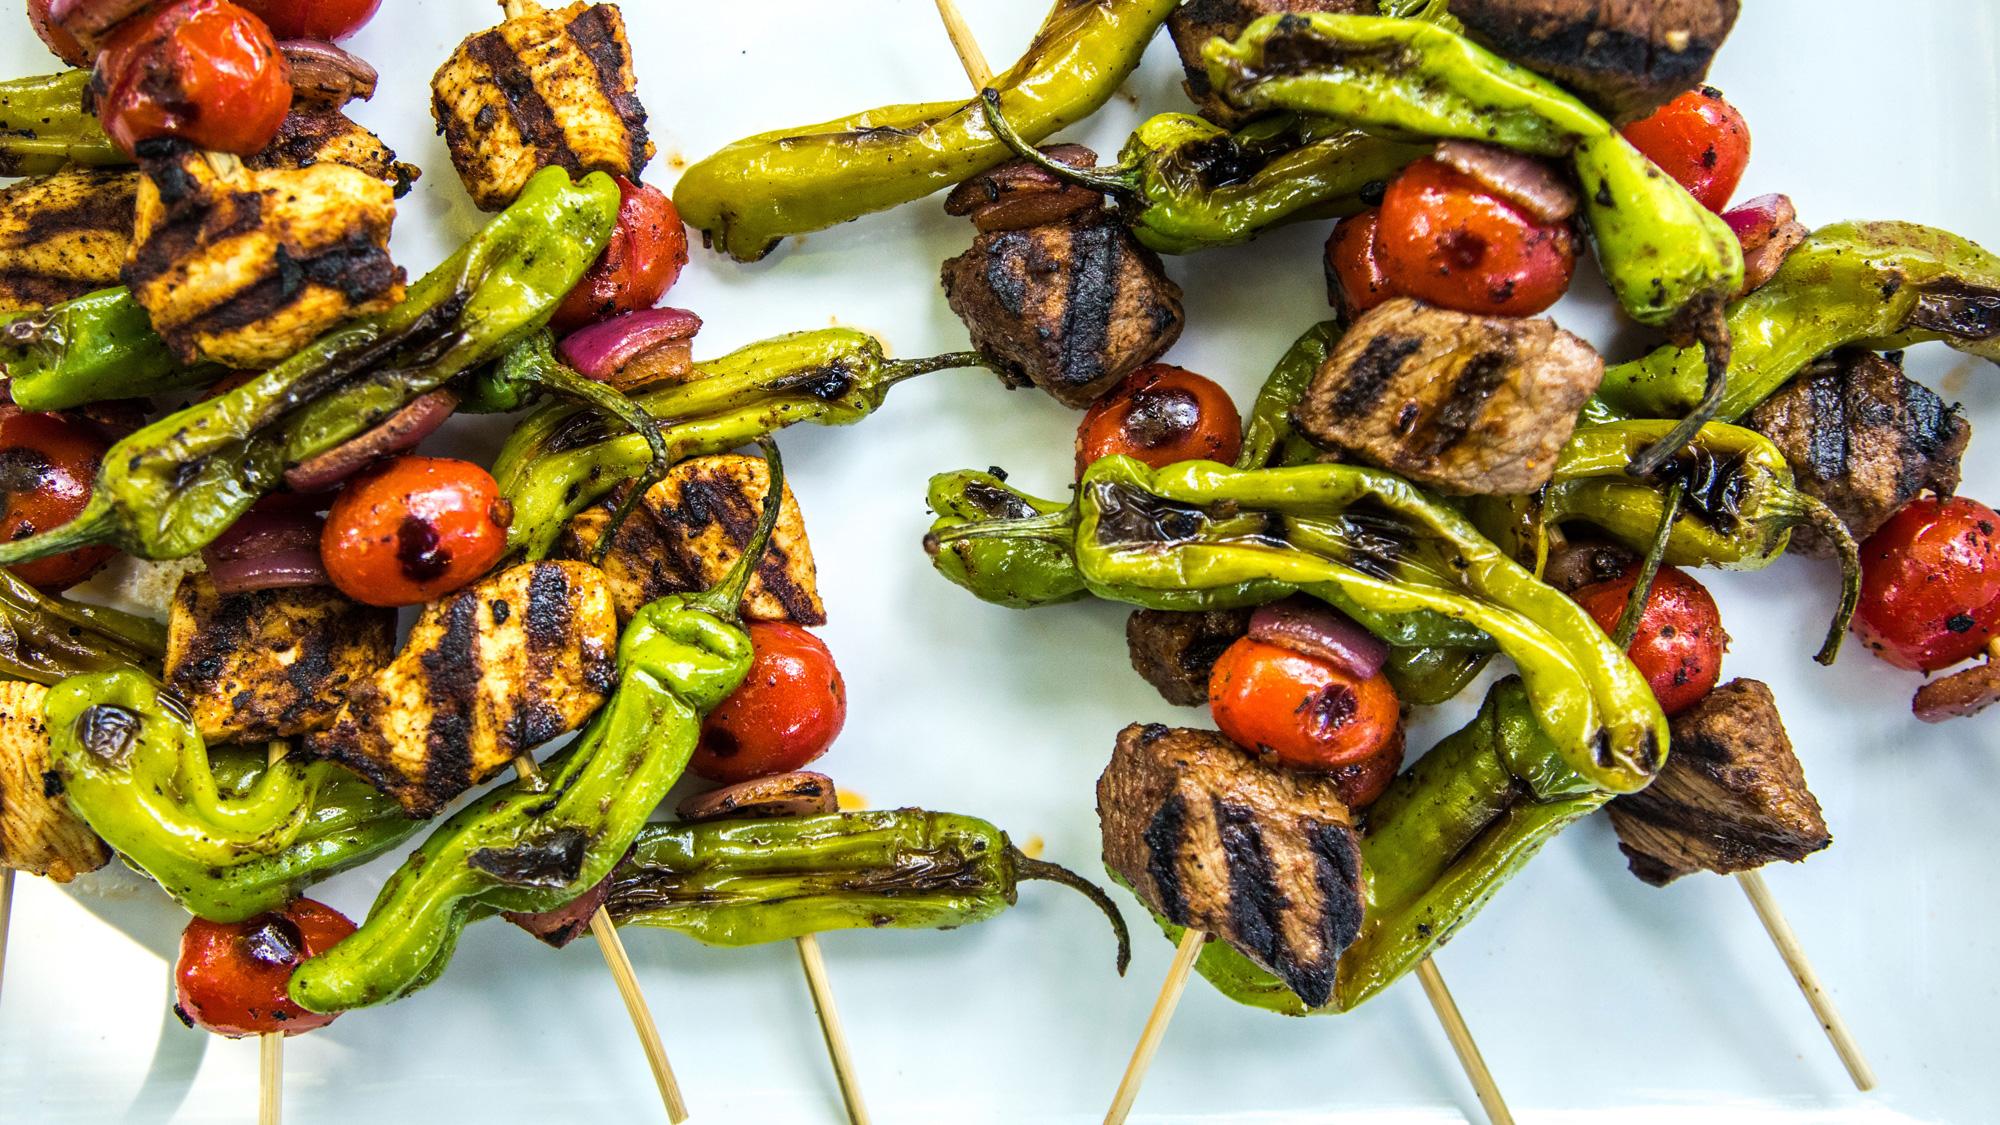 chicken_and_steak_kebabs_2000x1125.jpg